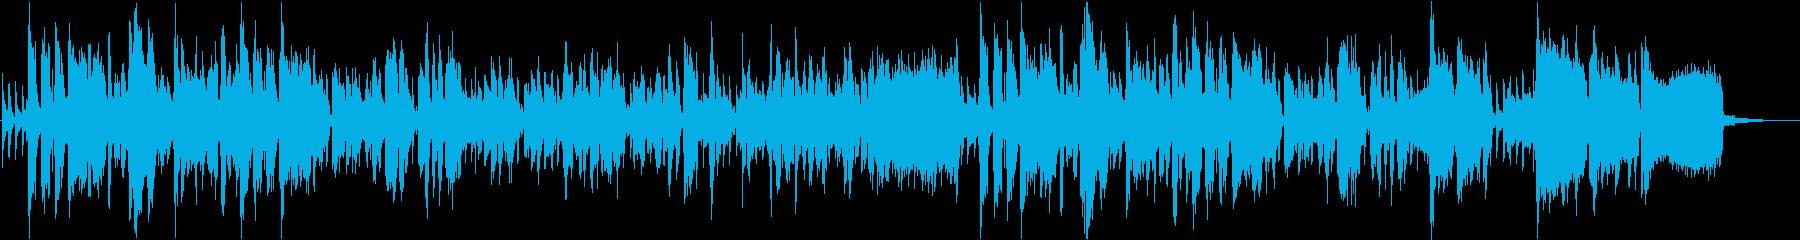 おせちをテーマにした楽曲の再生済みの波形